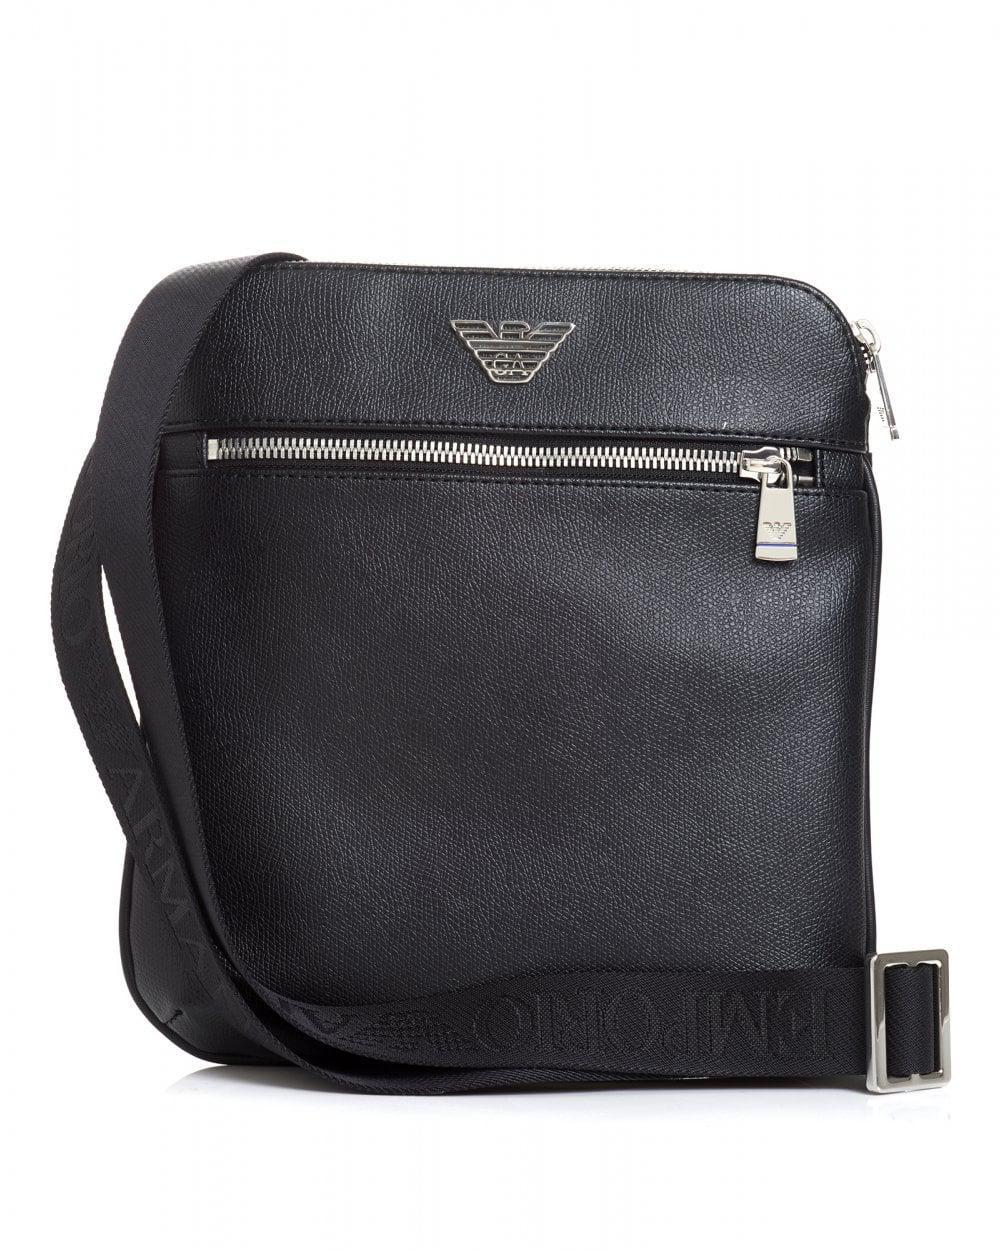 59380b38f1e Emporio Armani Silver Eagle Logo Black Crossbody Stash Bag in Black ...